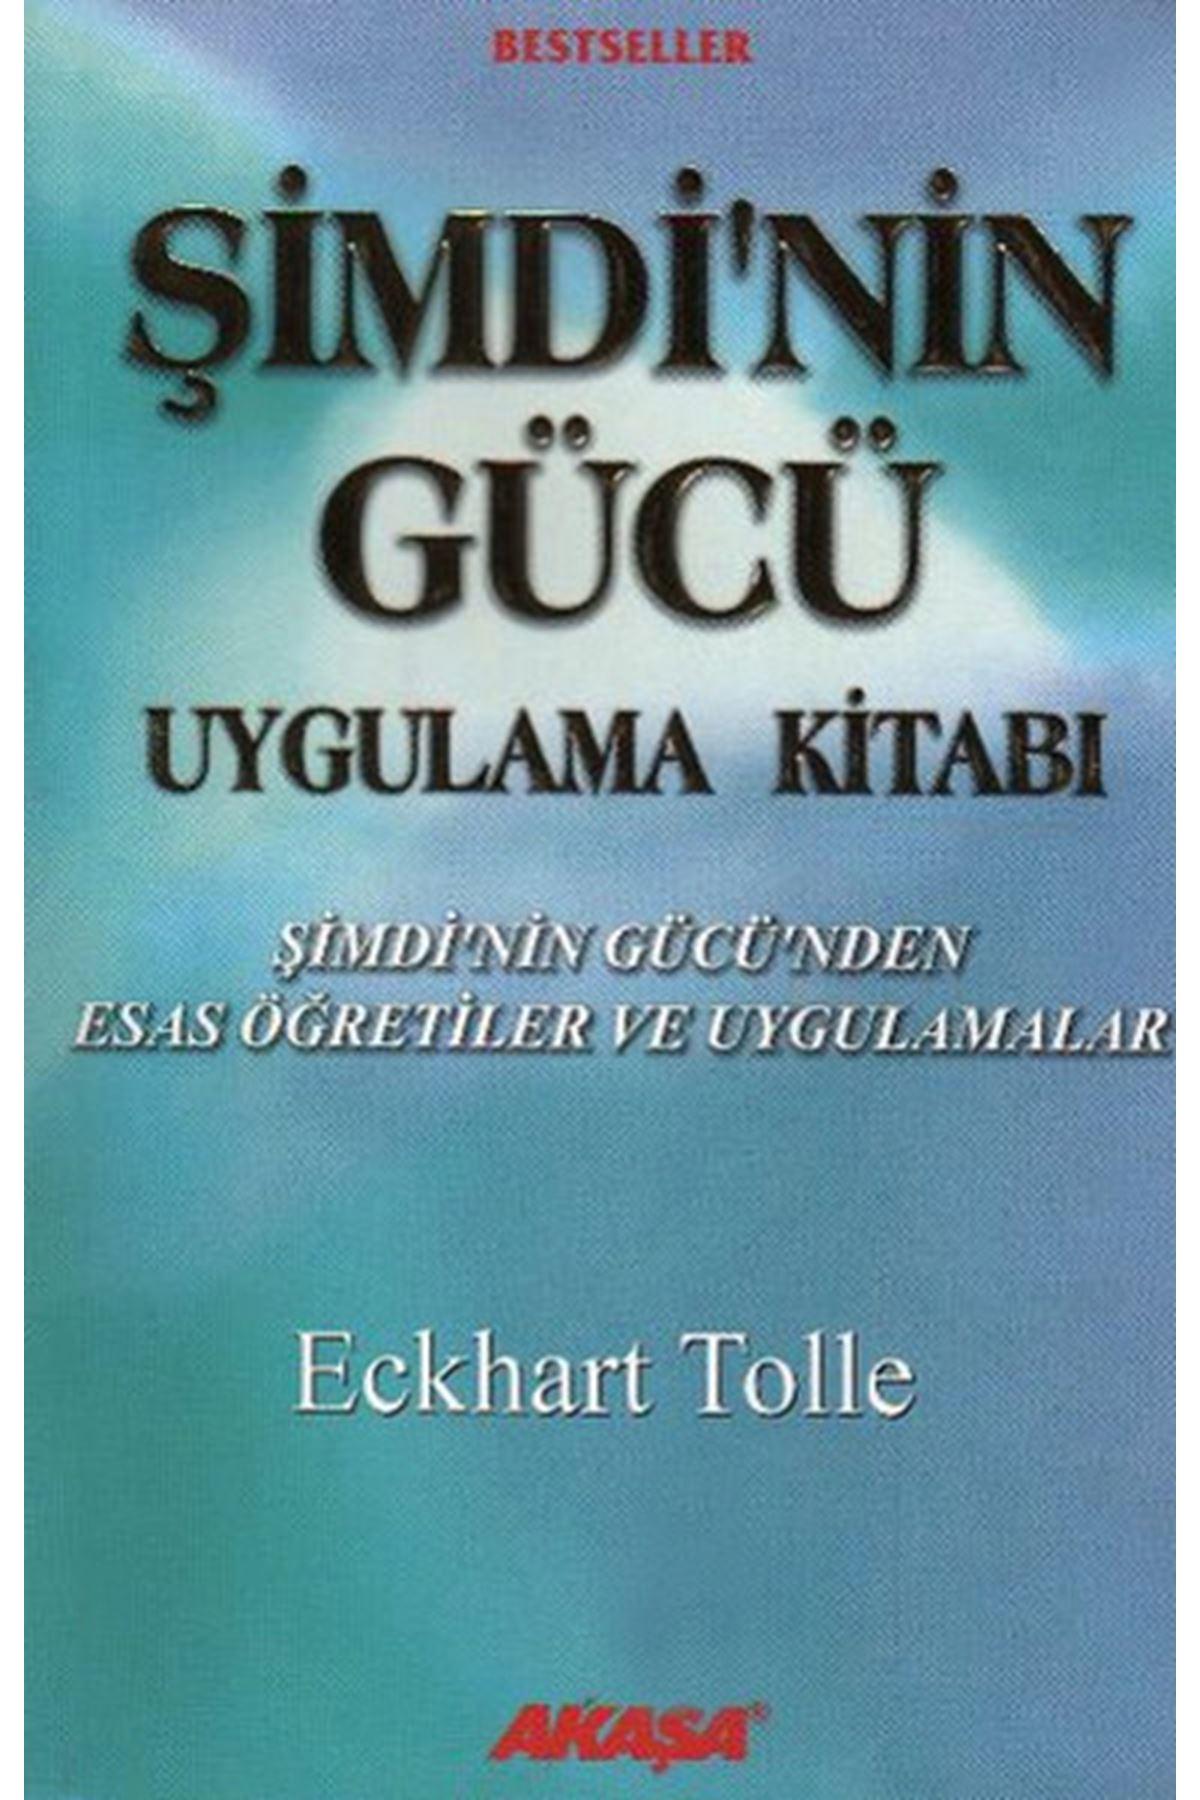 ECKHART TOLLE - ŞİMDİ'NİN GÜCÜ UYGULAMA KİTABI